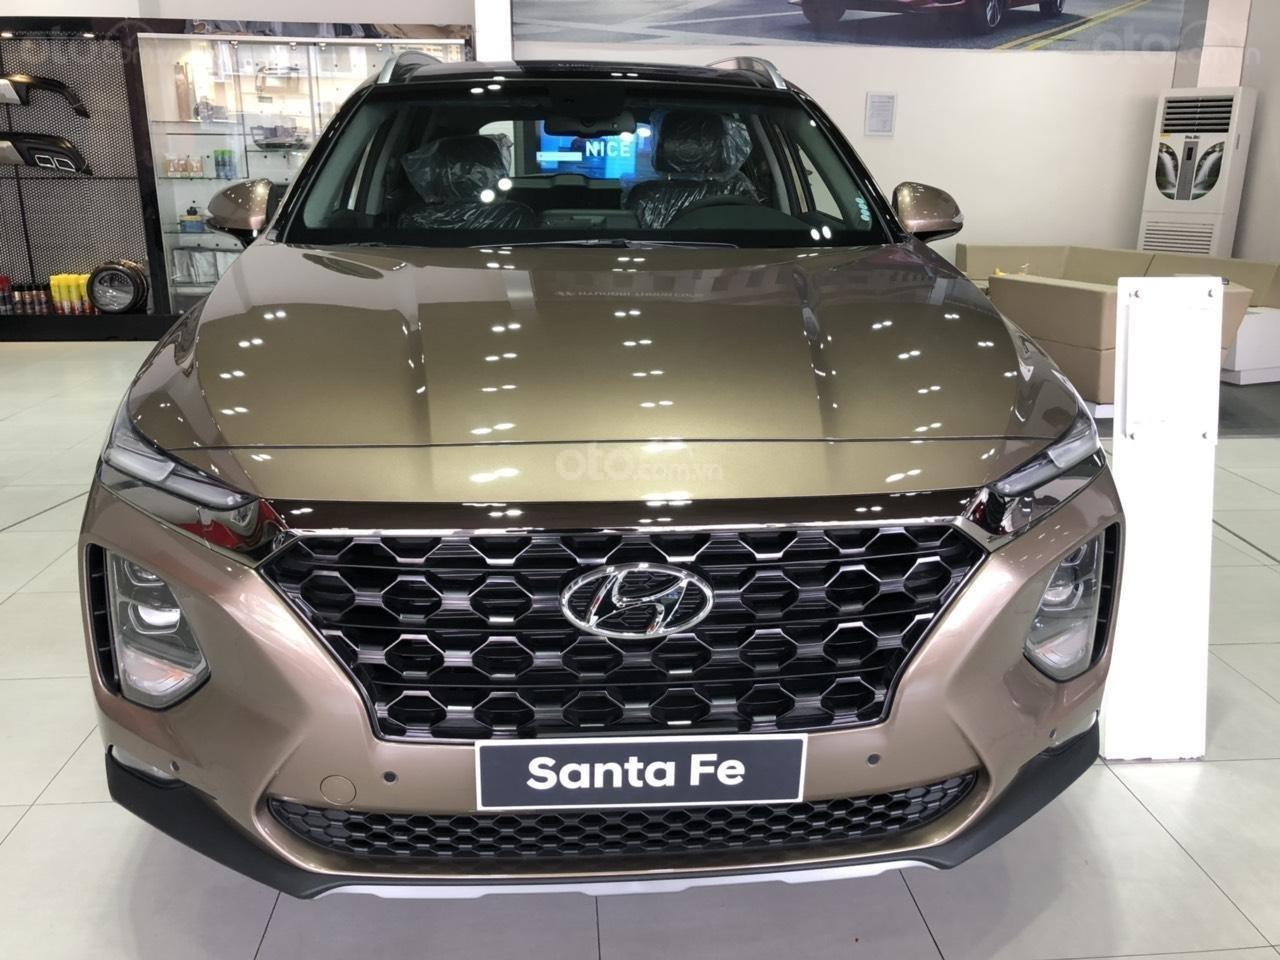 Hyundai Ngọc An bán Hyundai Santa Fe giá tốt, góp 90%, xe đủ màu giao ngay, tặng tiền mặt phụ kiện giá tốt nhất miền Nam (6)